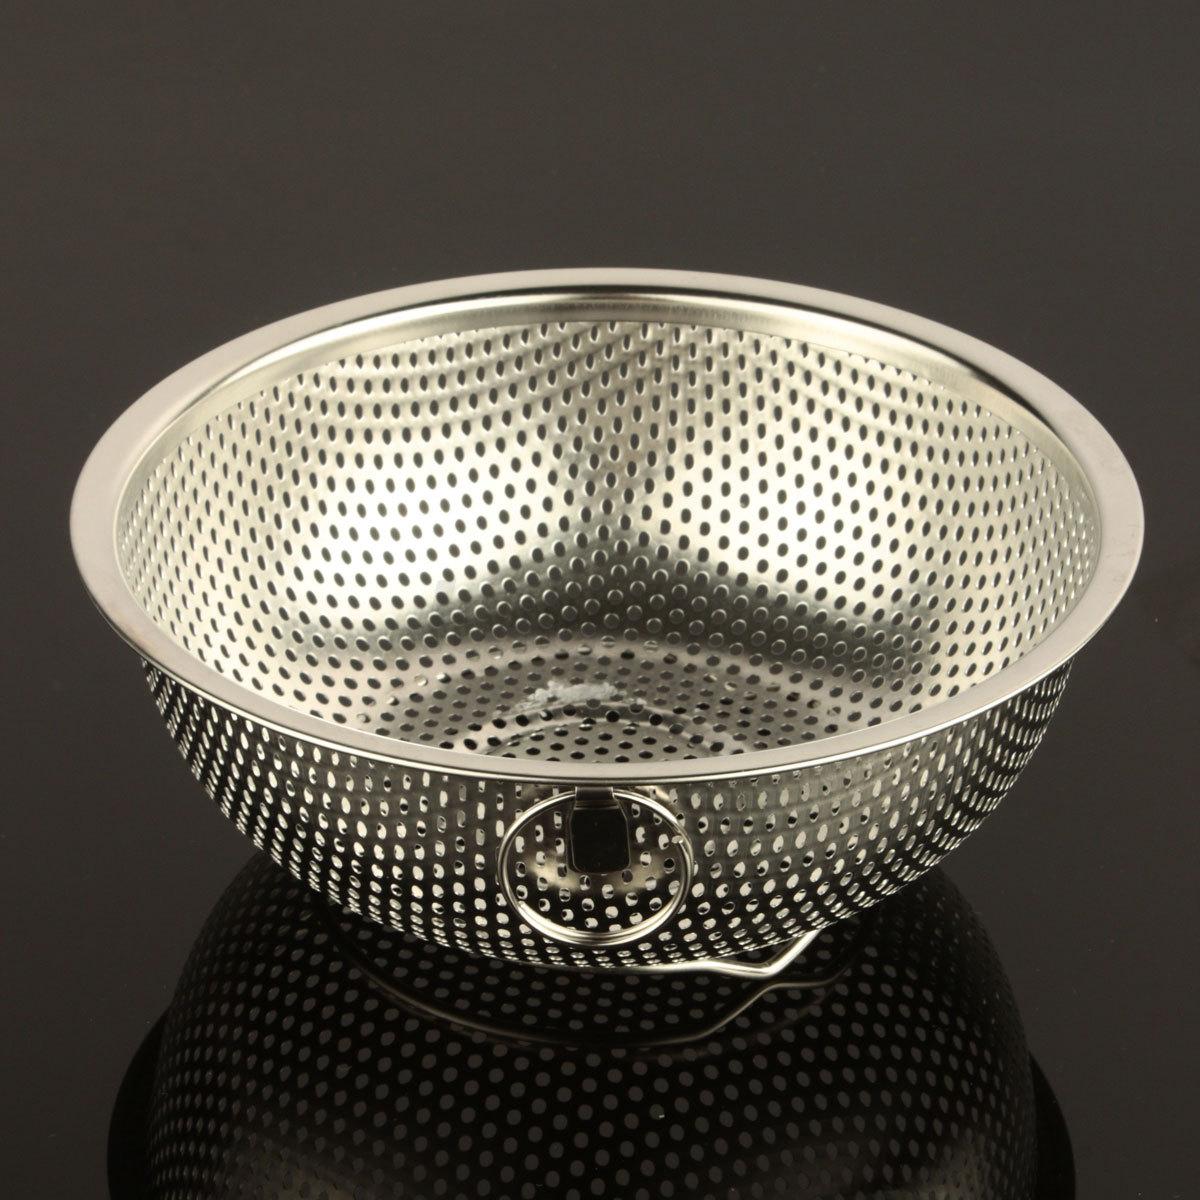 Alambre de acero inoxidable de malla colador tamiz cocina - Alambre de acero inoxidable ...